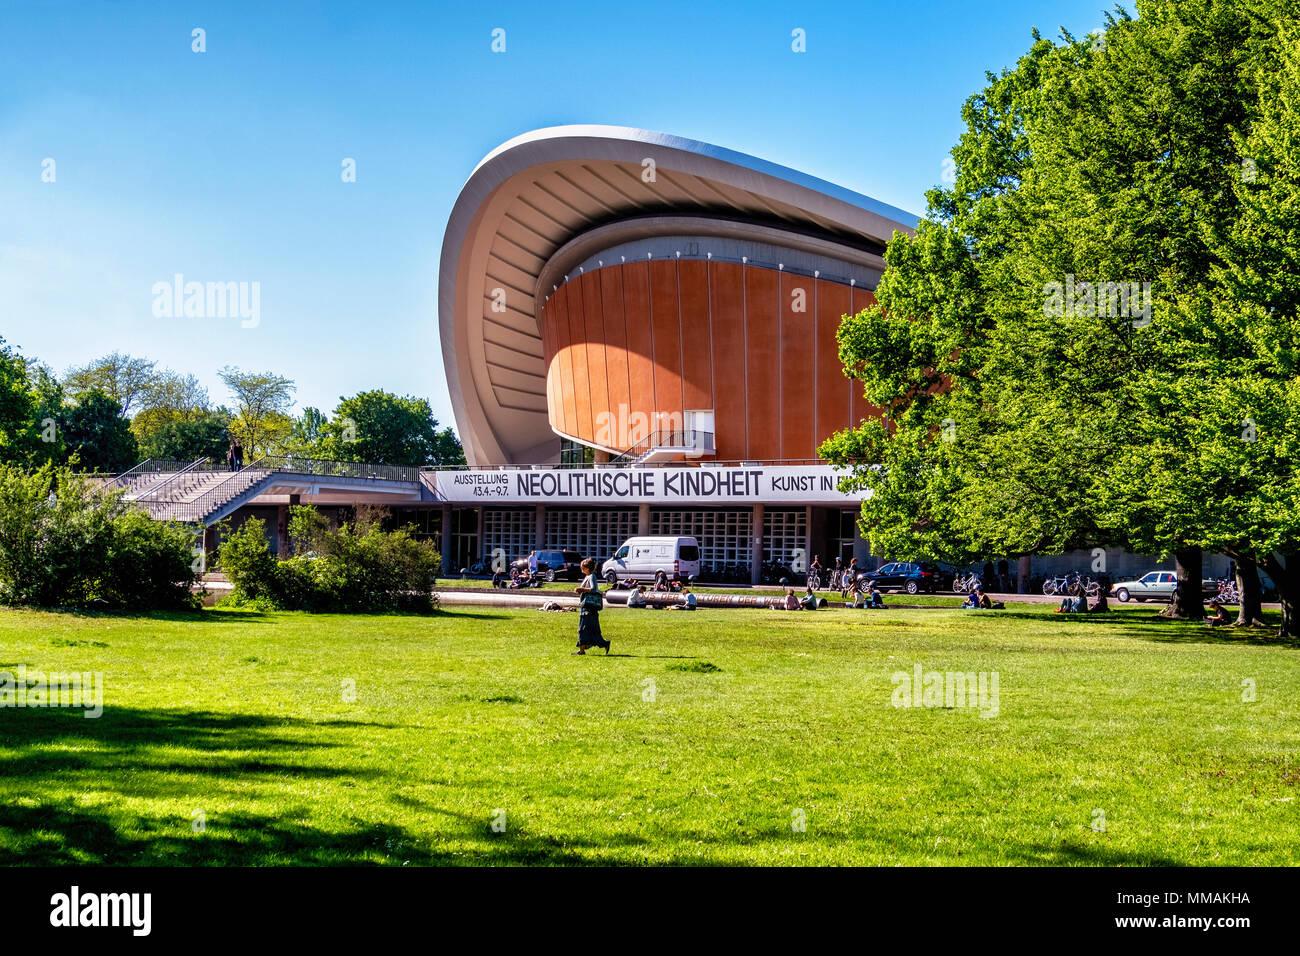 De Berlín, el Tiergarten. La HKW {Haus der Kulturen der Welt) junto al río Spree. Para conciertos, exposiciones, conferencias, teatro y danza. Imagen De Stock